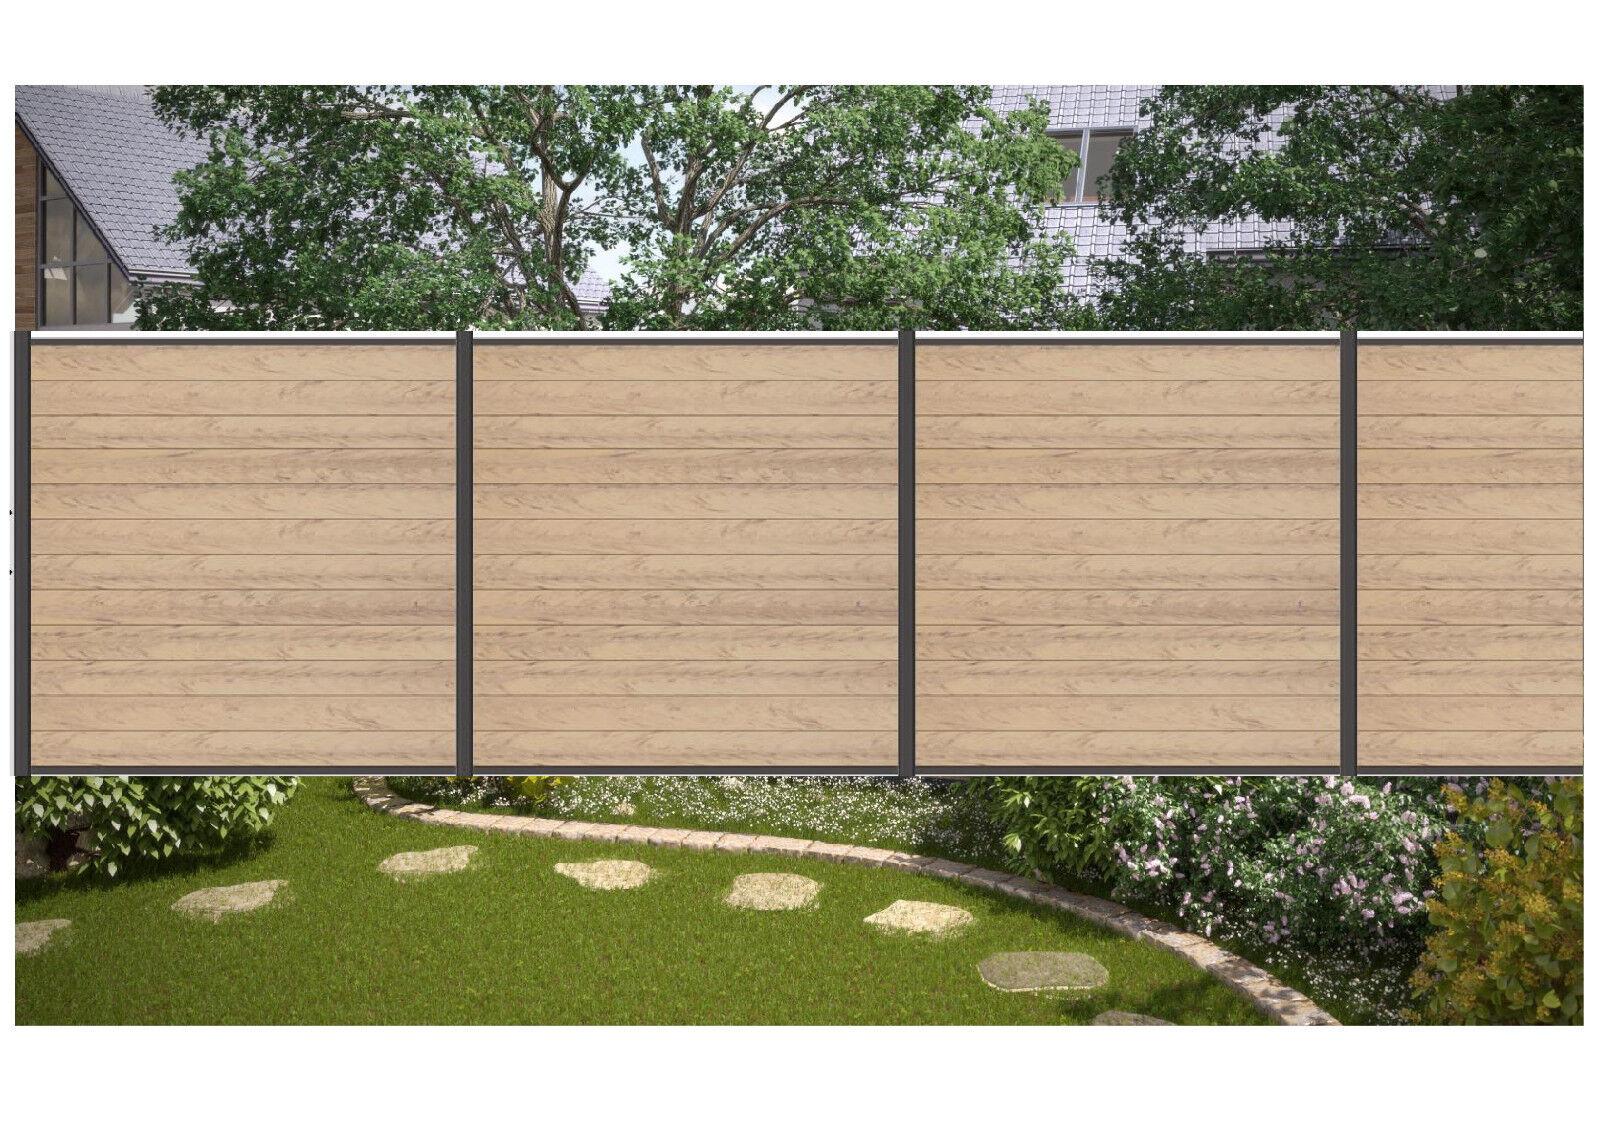 Komplettset Wpc Sichtschutz Zaun Sand Zaunlangen Von 9 M 25 M Ebay